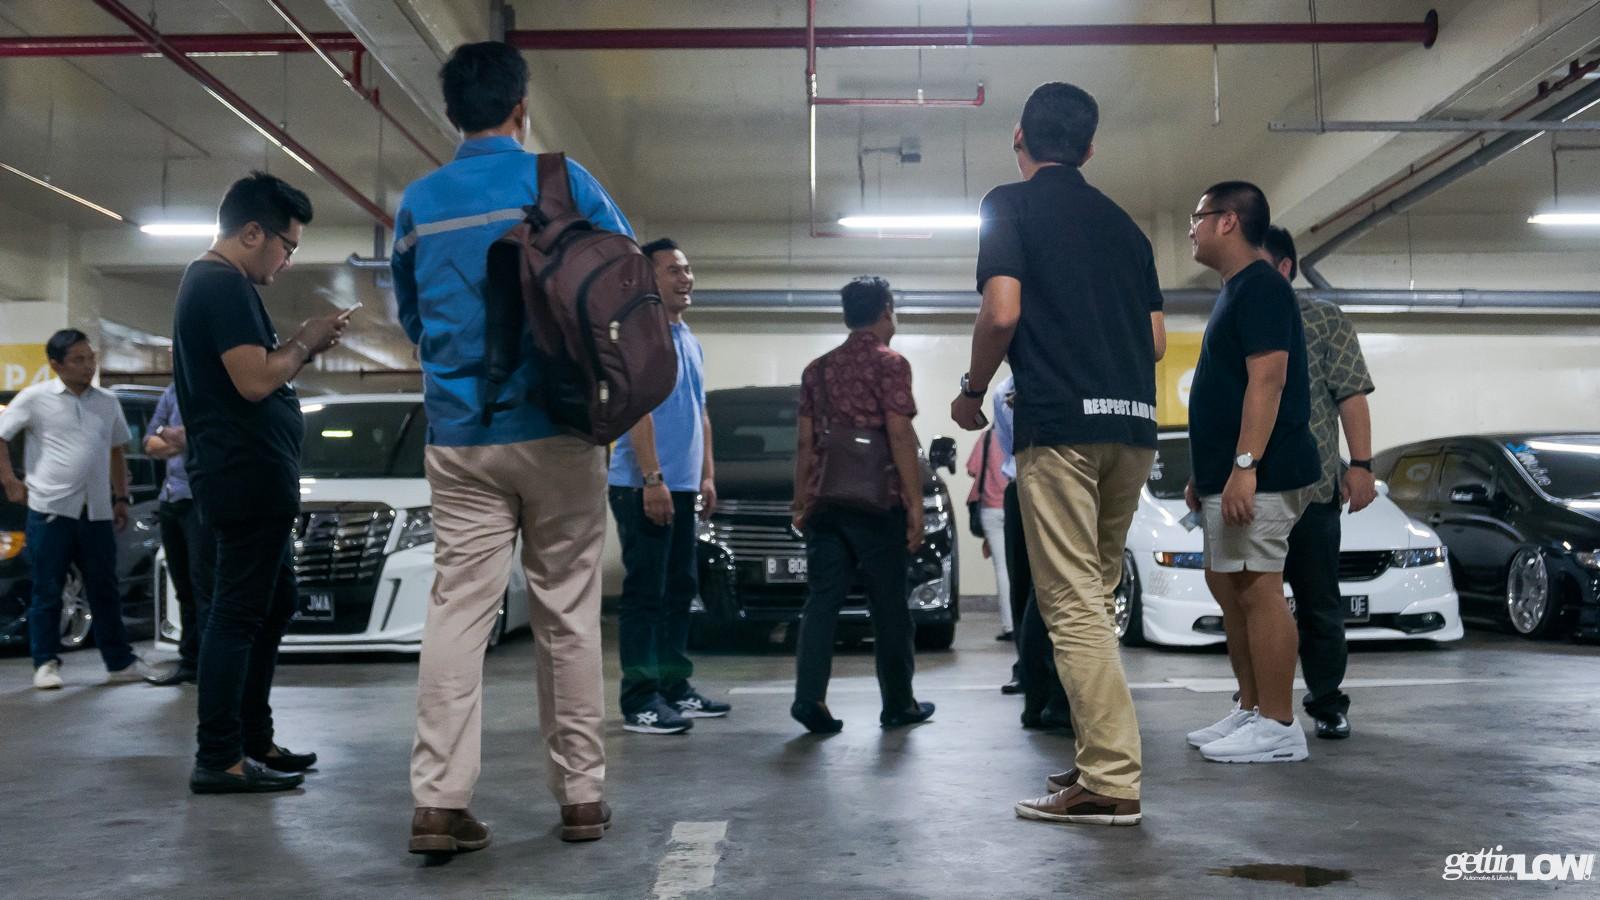 VK Indonesia Ramadhan Meet